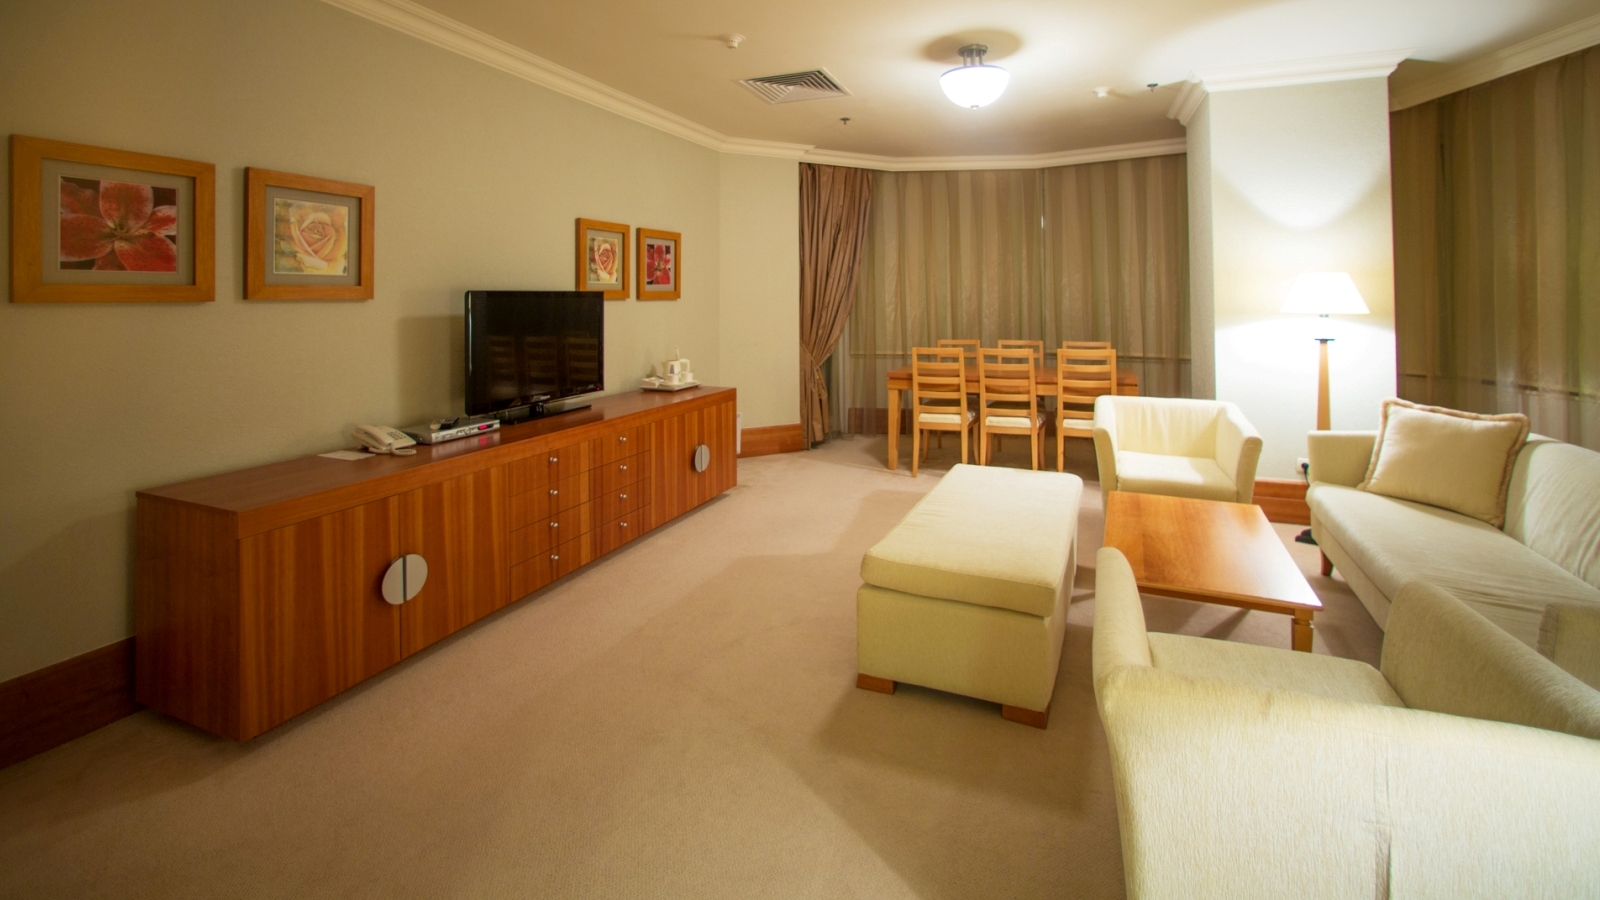 Готелі Трускавця - якісний відпочинок